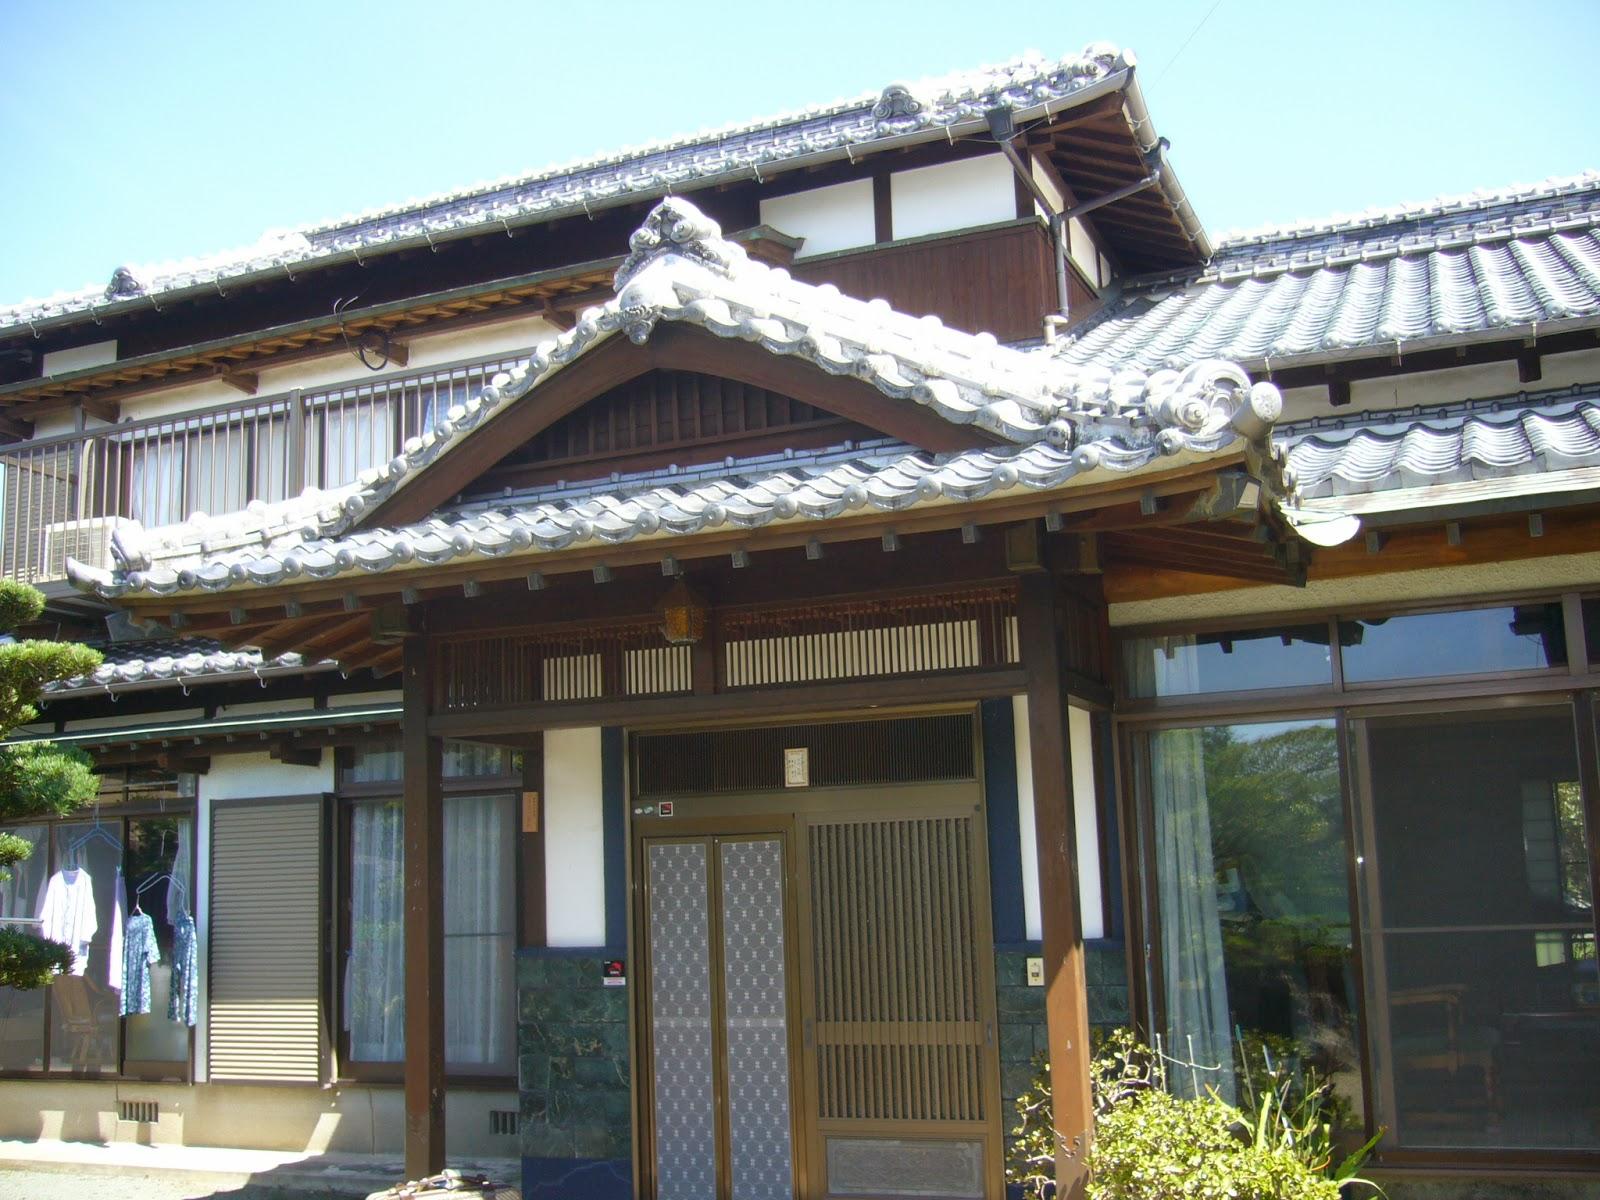 Un mexicano en jap n casa tradicional japonesa - Casas japonesas tradicionales ...